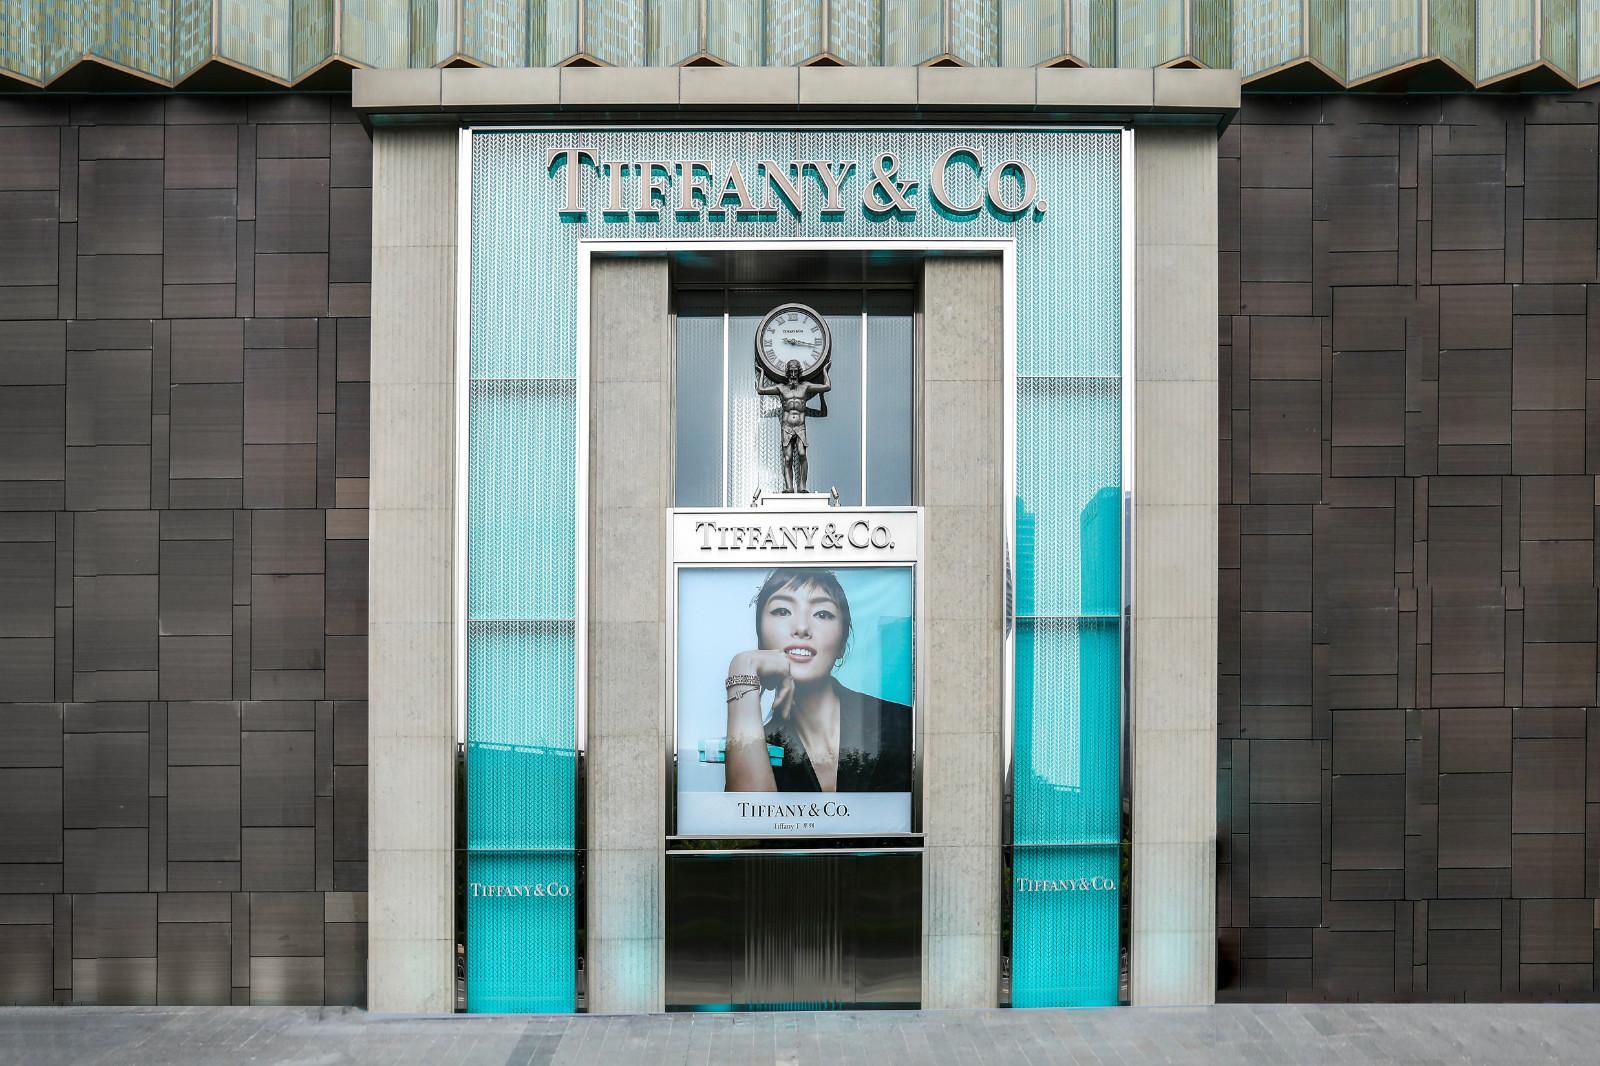 重金投入门店改造,Tiffany如何打造全新的奢侈品零售体验?《华丽志》专访品牌全球执行副总裁